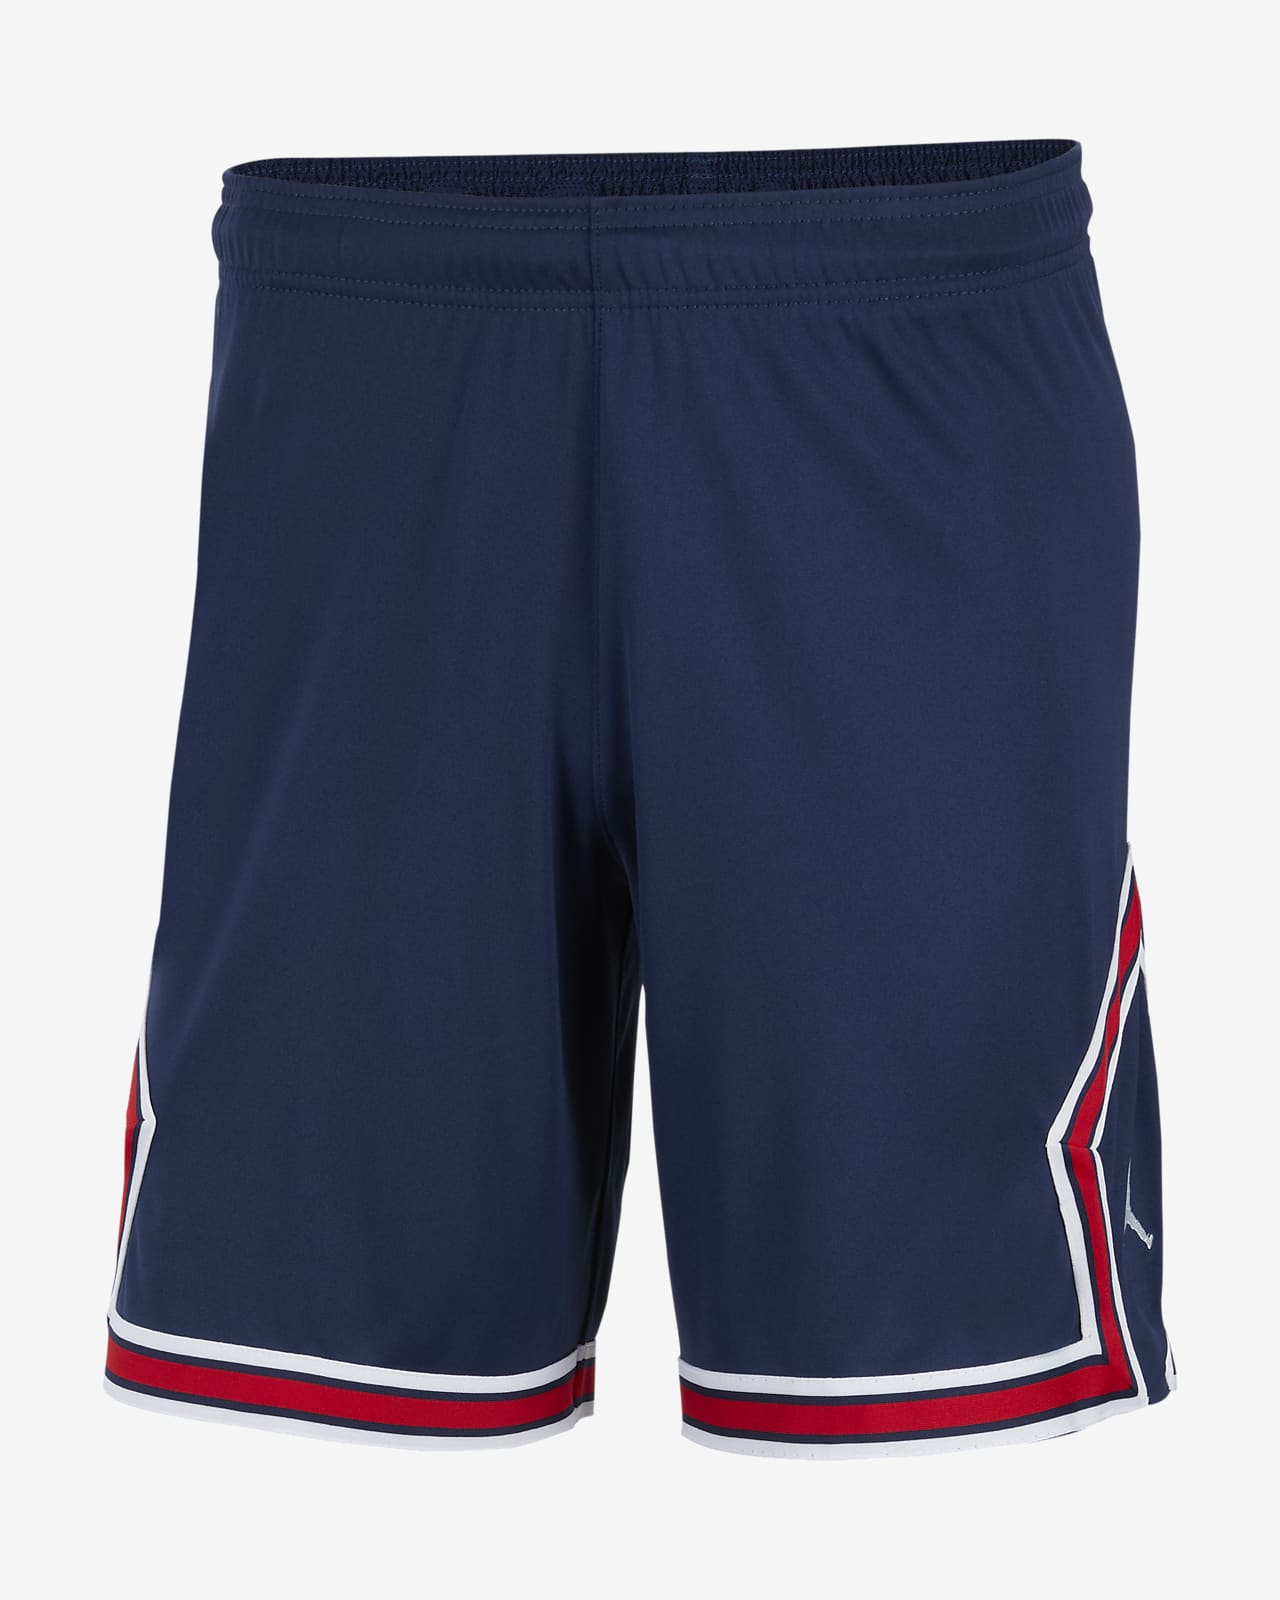 2021/22 赛季巴黎圣日耳曼主场球迷版男子足球短裤